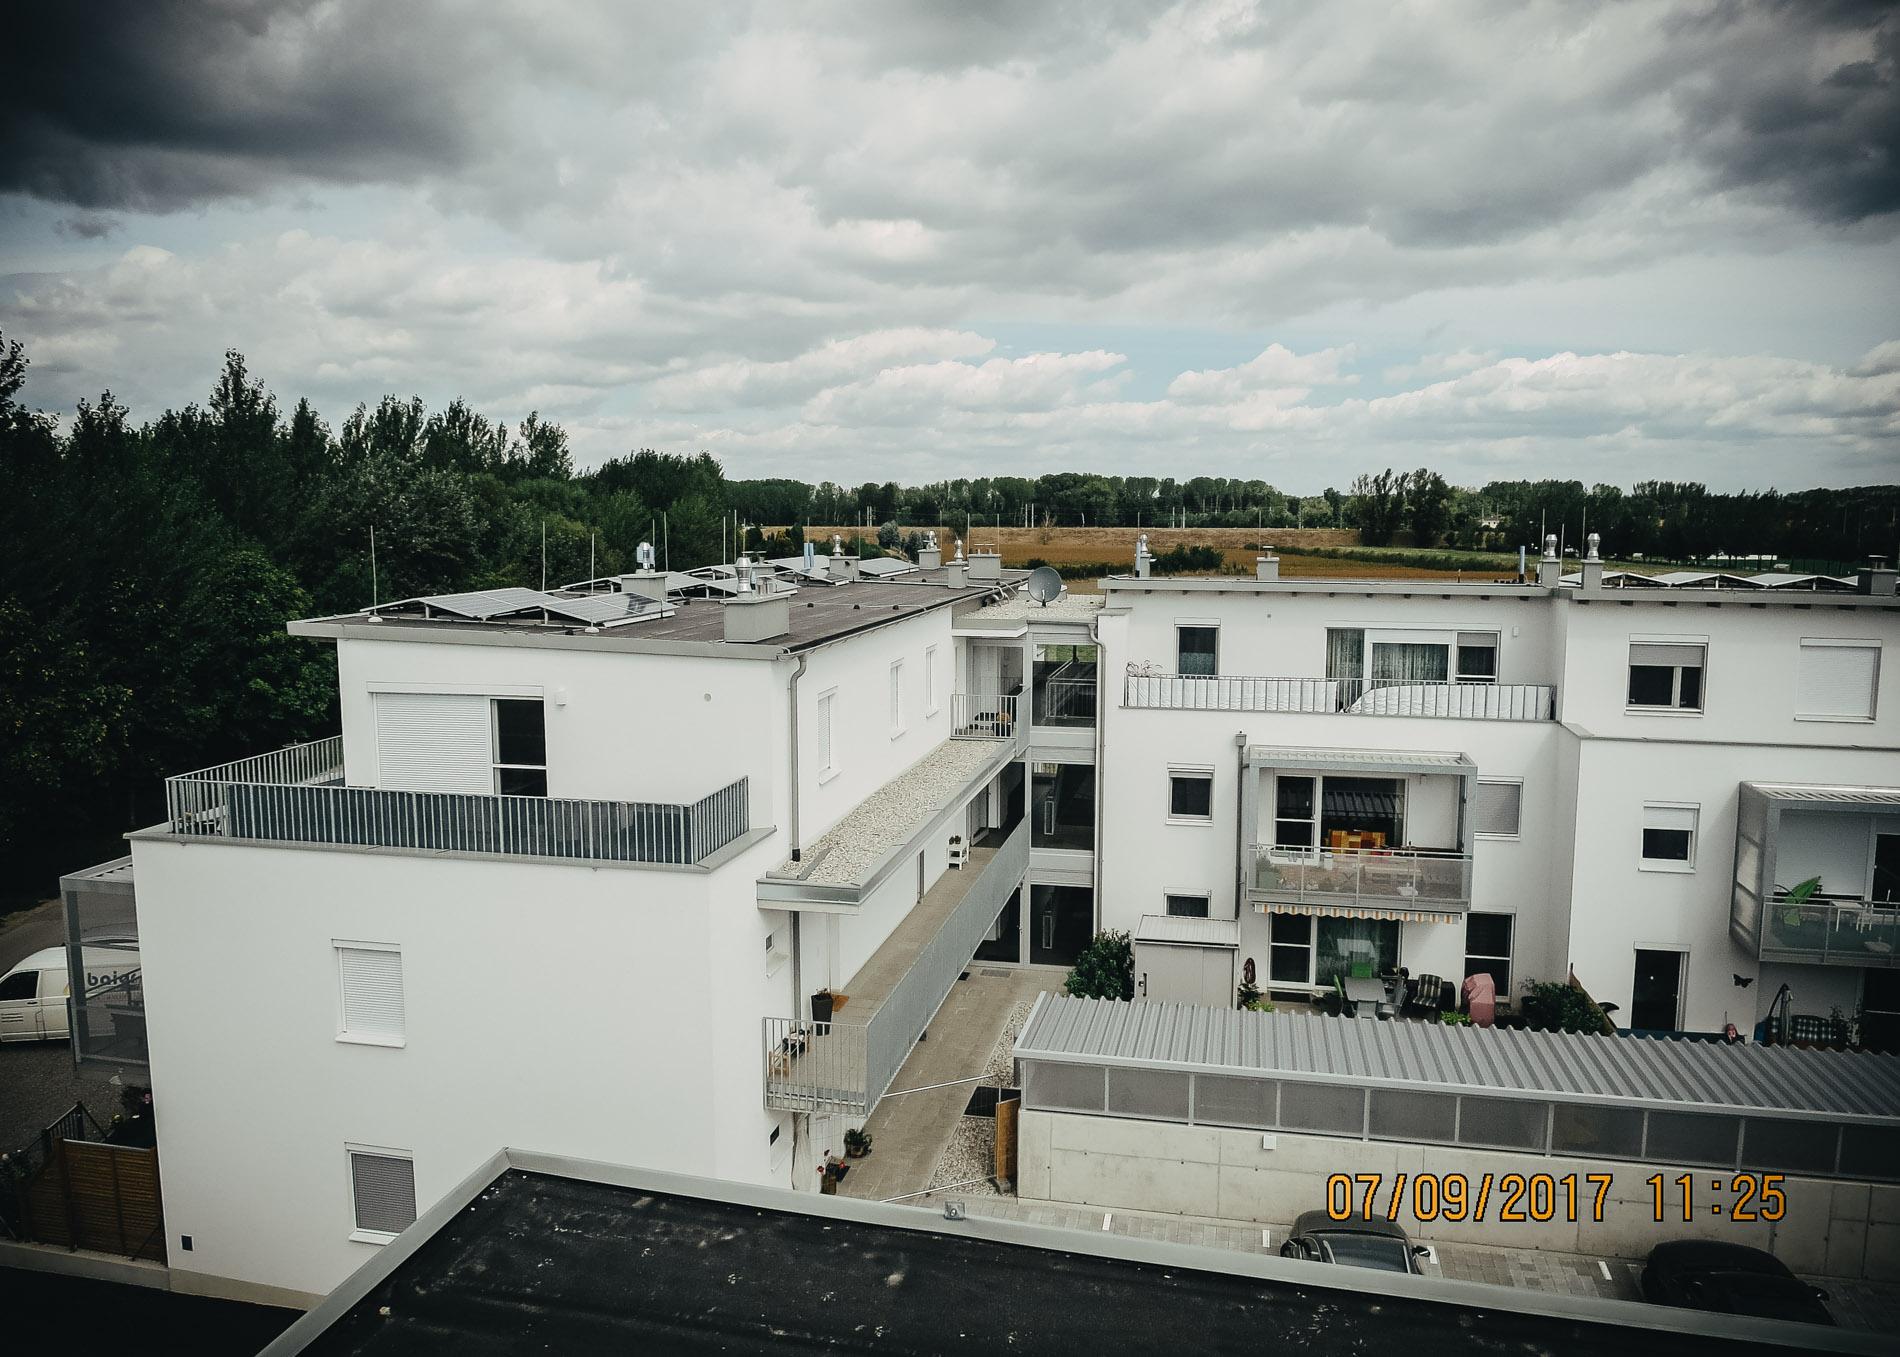 Muckendorf-Wipfing WHA (2)